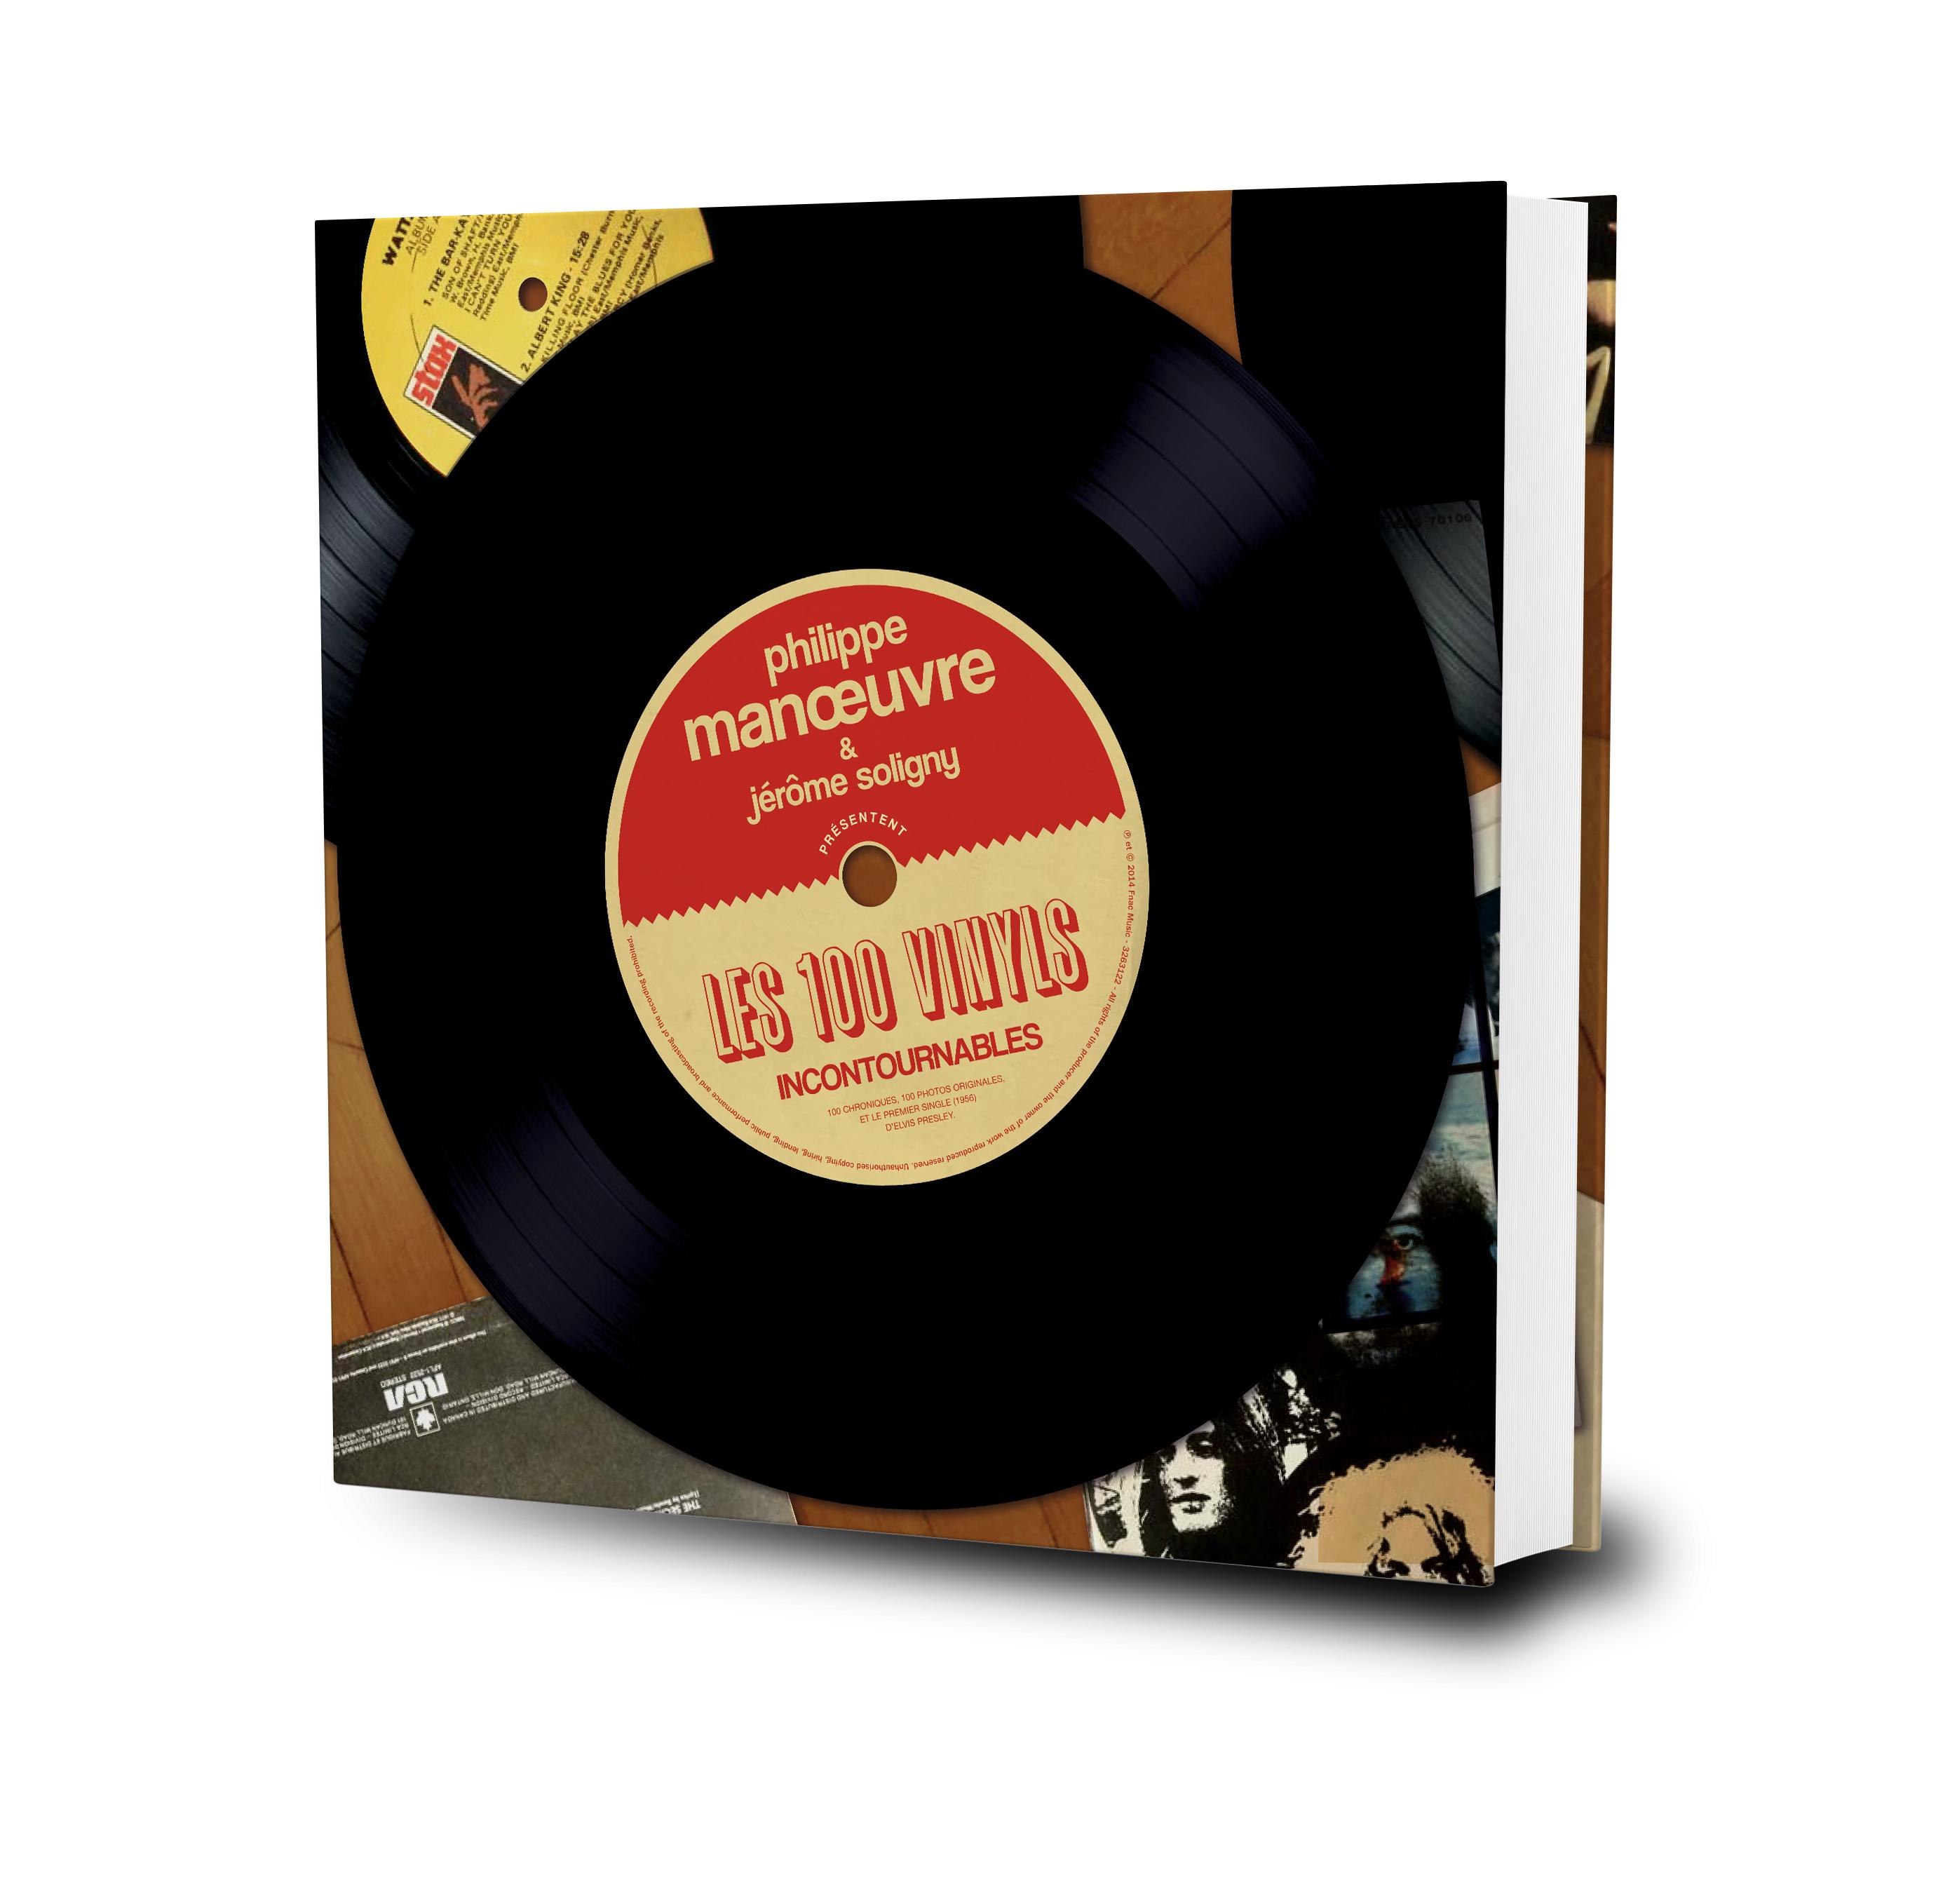 3d100vinyl Les 100 Vinyls incontournables – Philippe Manœuvre & Jérôme Soligny